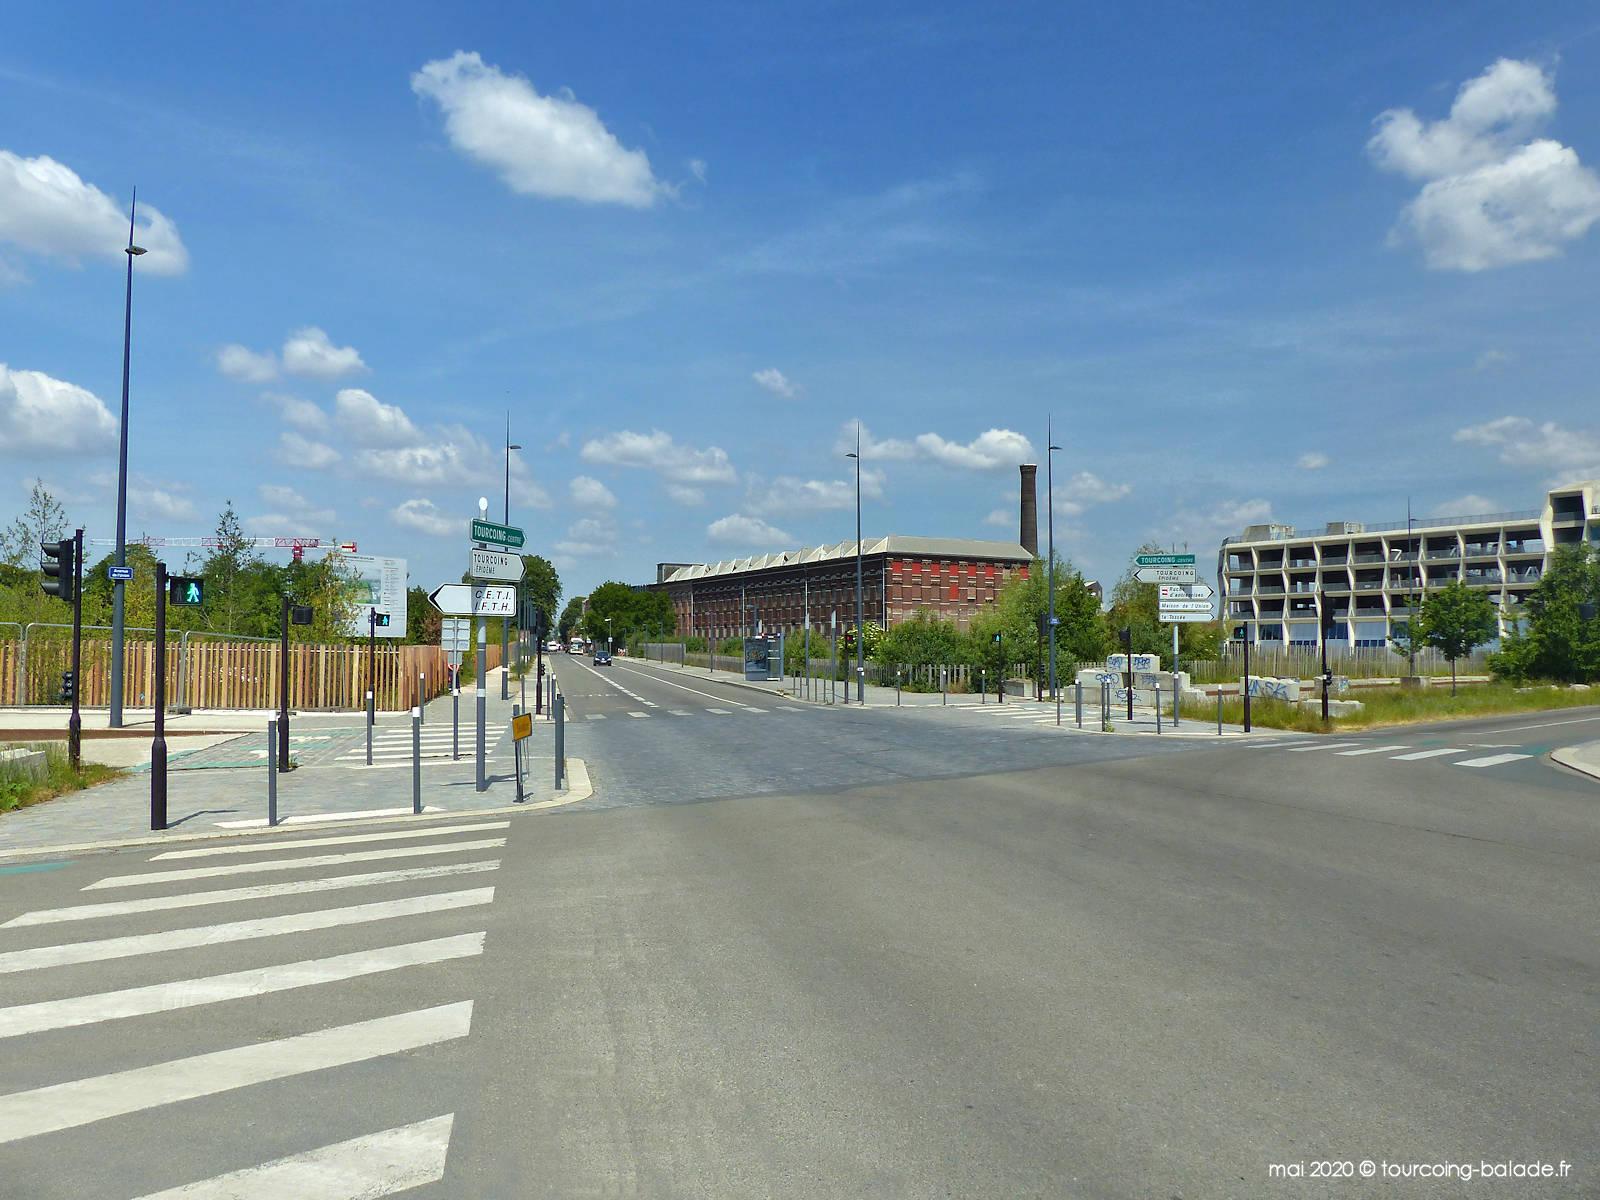 Rue des Retrouvailles, Tourcoing 2020